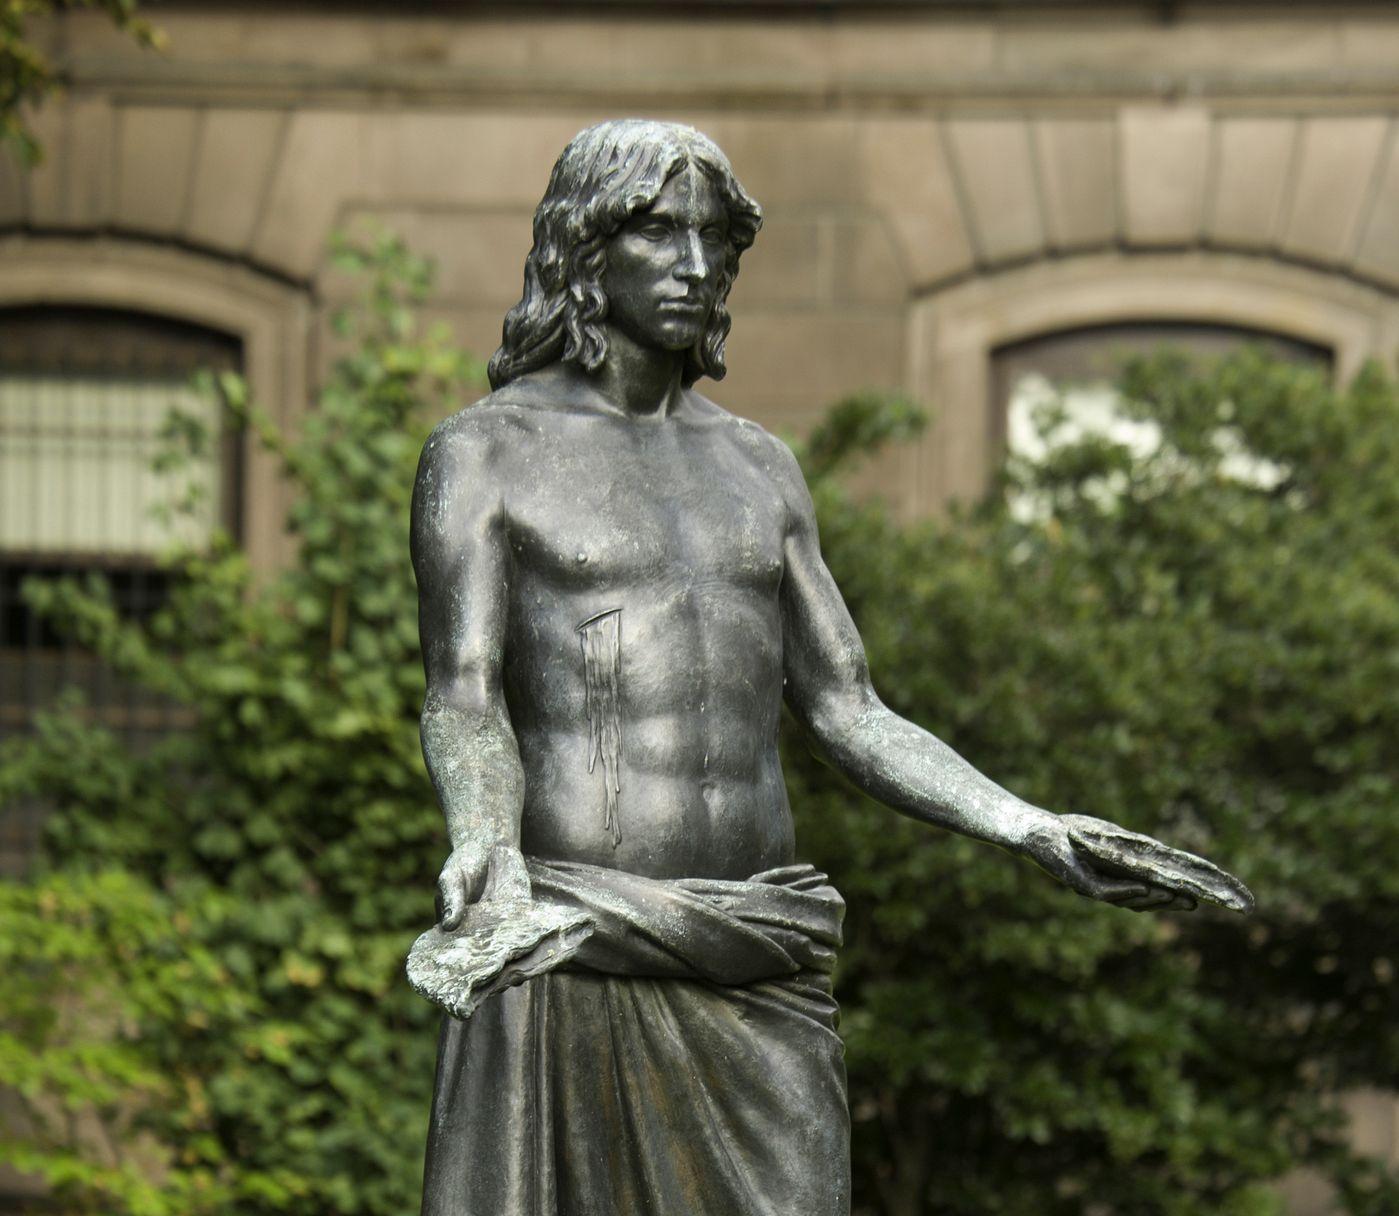 jesus-breaking-bread-statue-secret-world